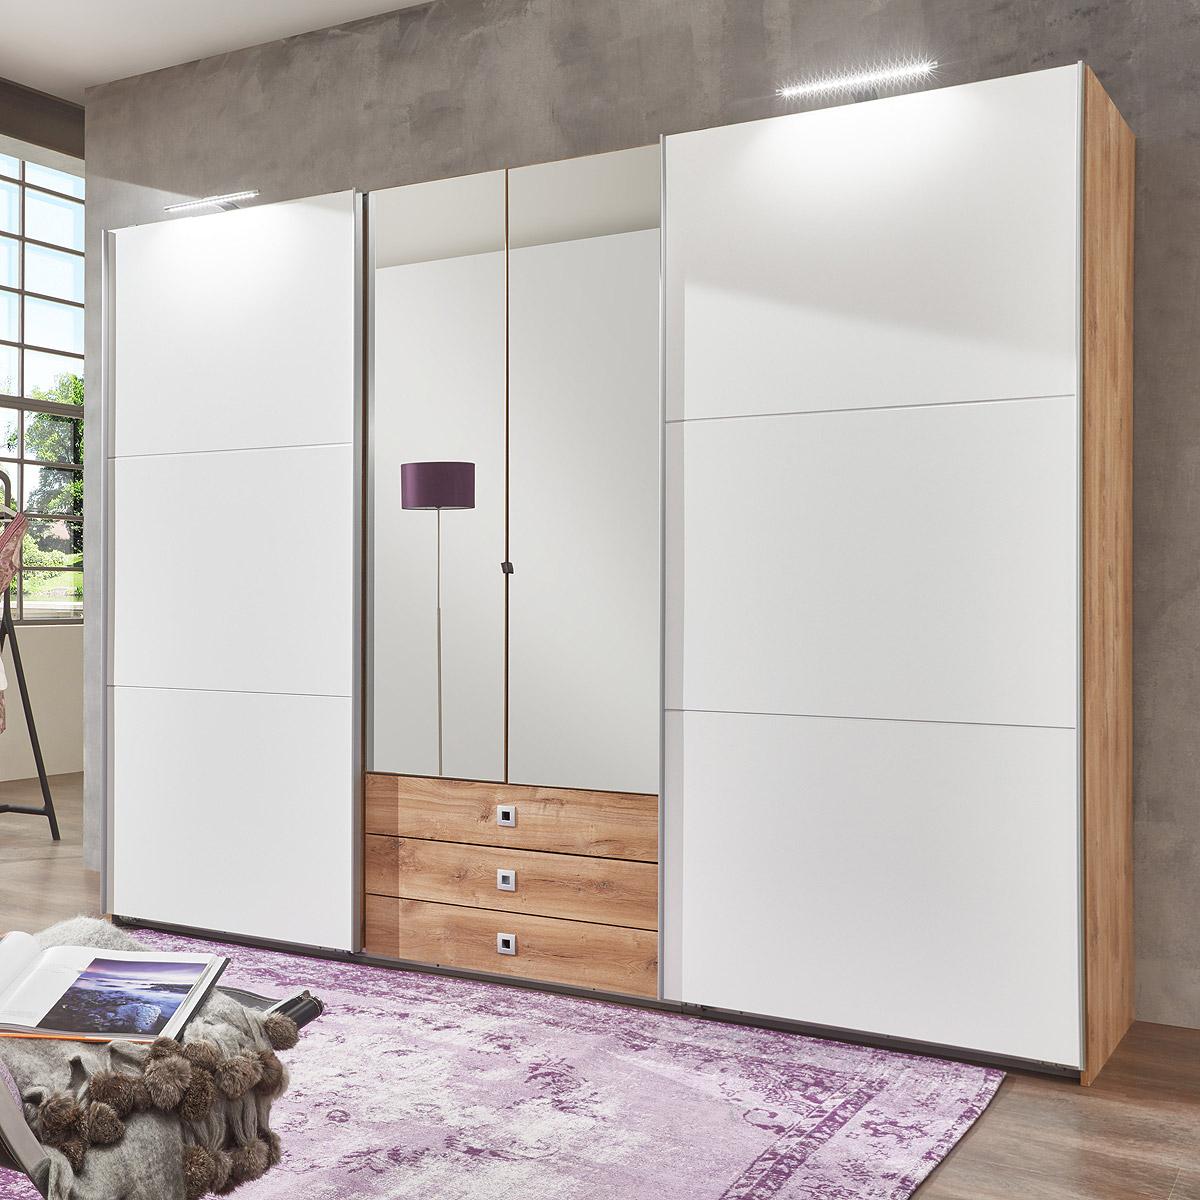 schwebet renschrank tennessee kleiderschrank in wei. Black Bedroom Furniture Sets. Home Design Ideas